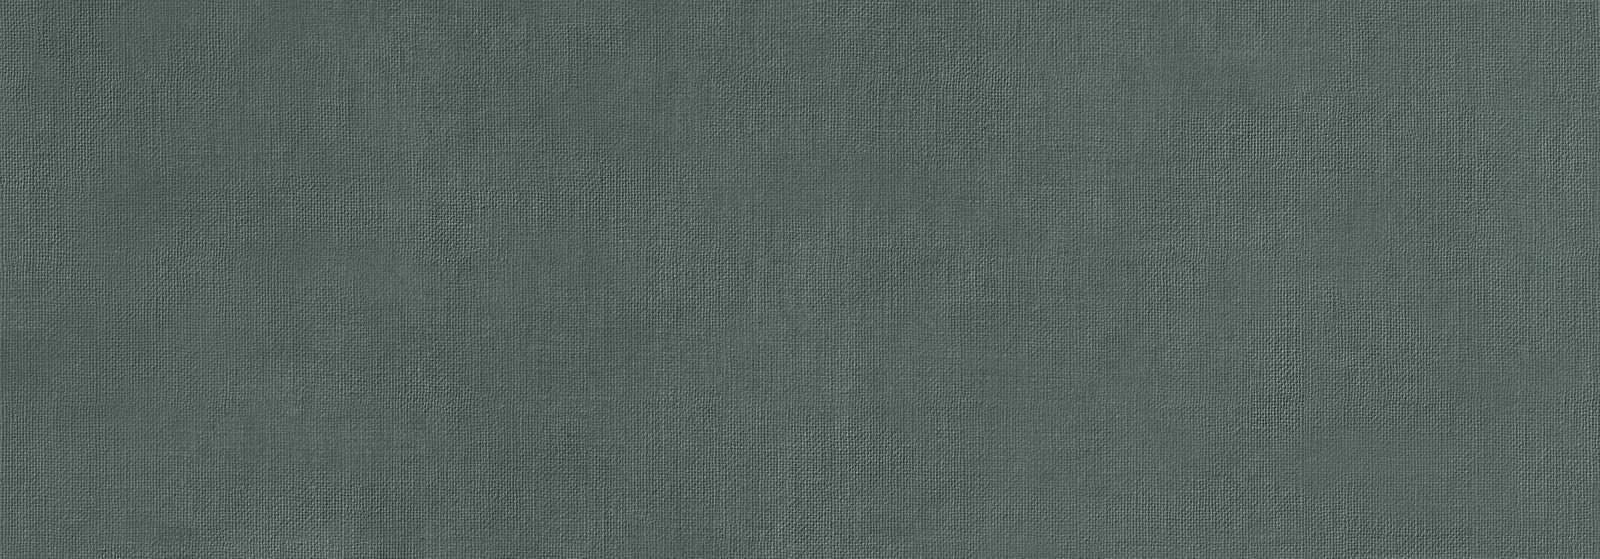 Стенни плочки Fabric Wool 40x120